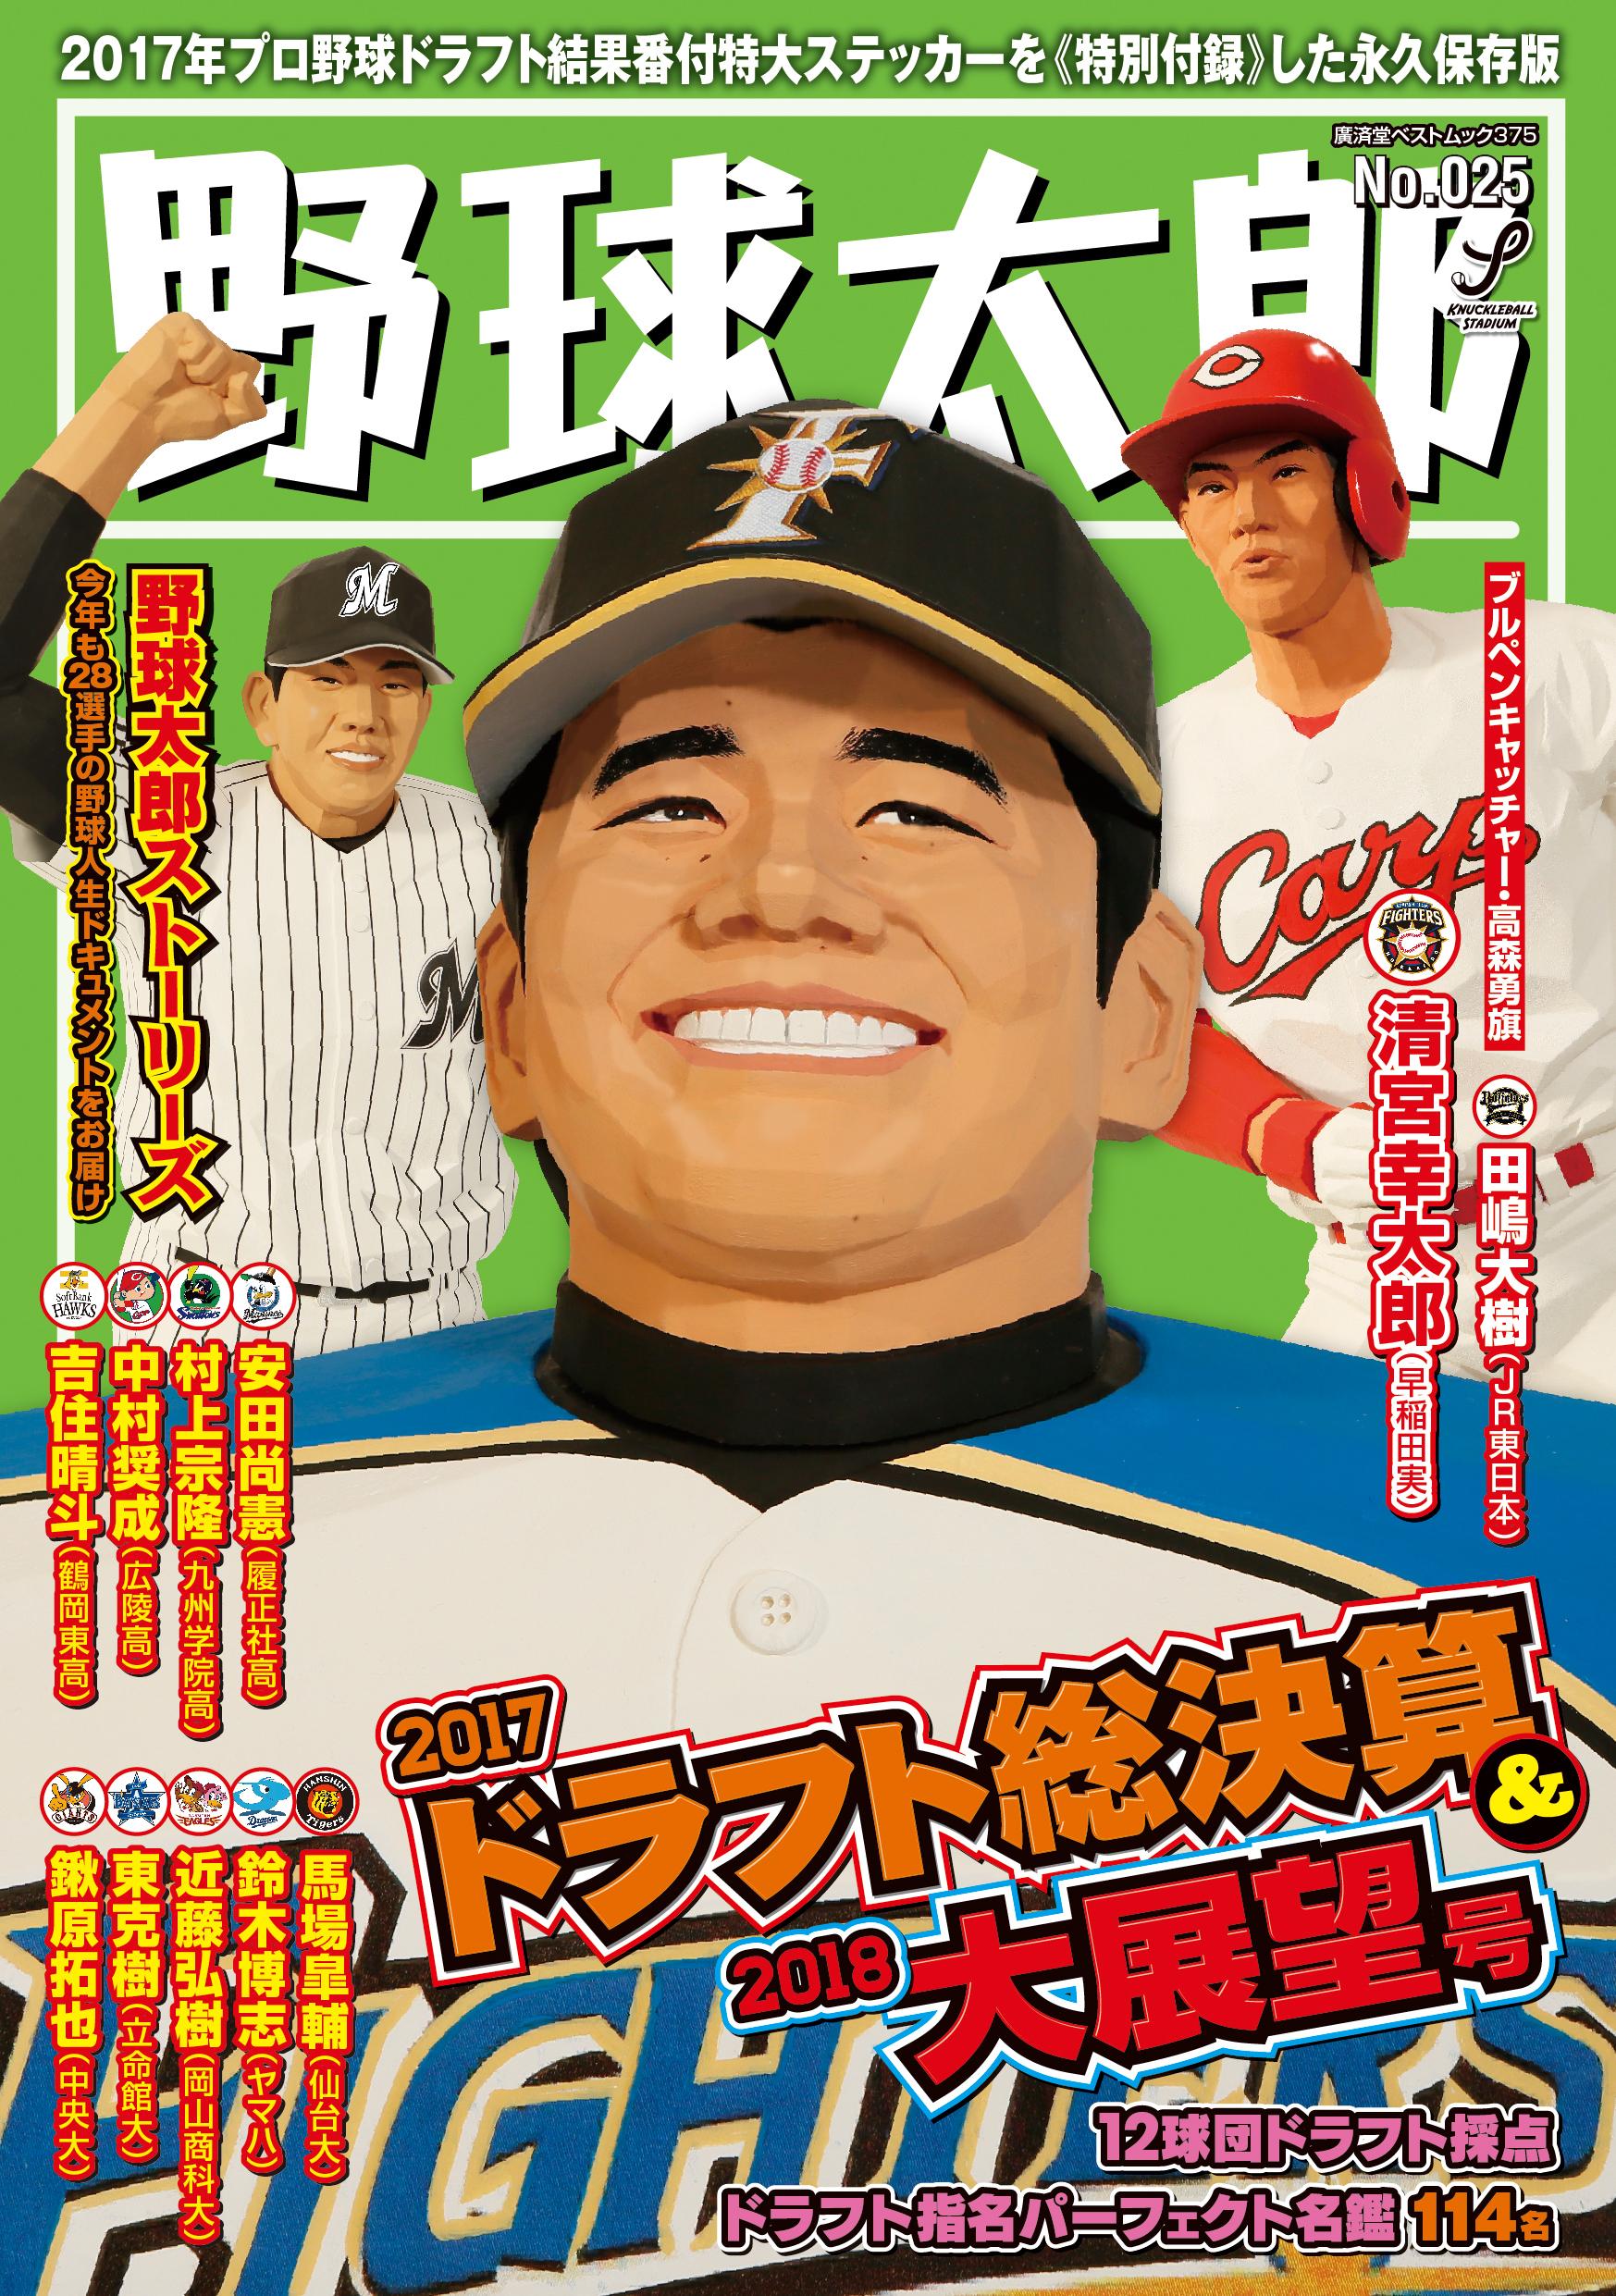 2018年の準備に最適な『野球太郎No.025 2017ドラフト総決算&2018大展望号』は11月27日発売!